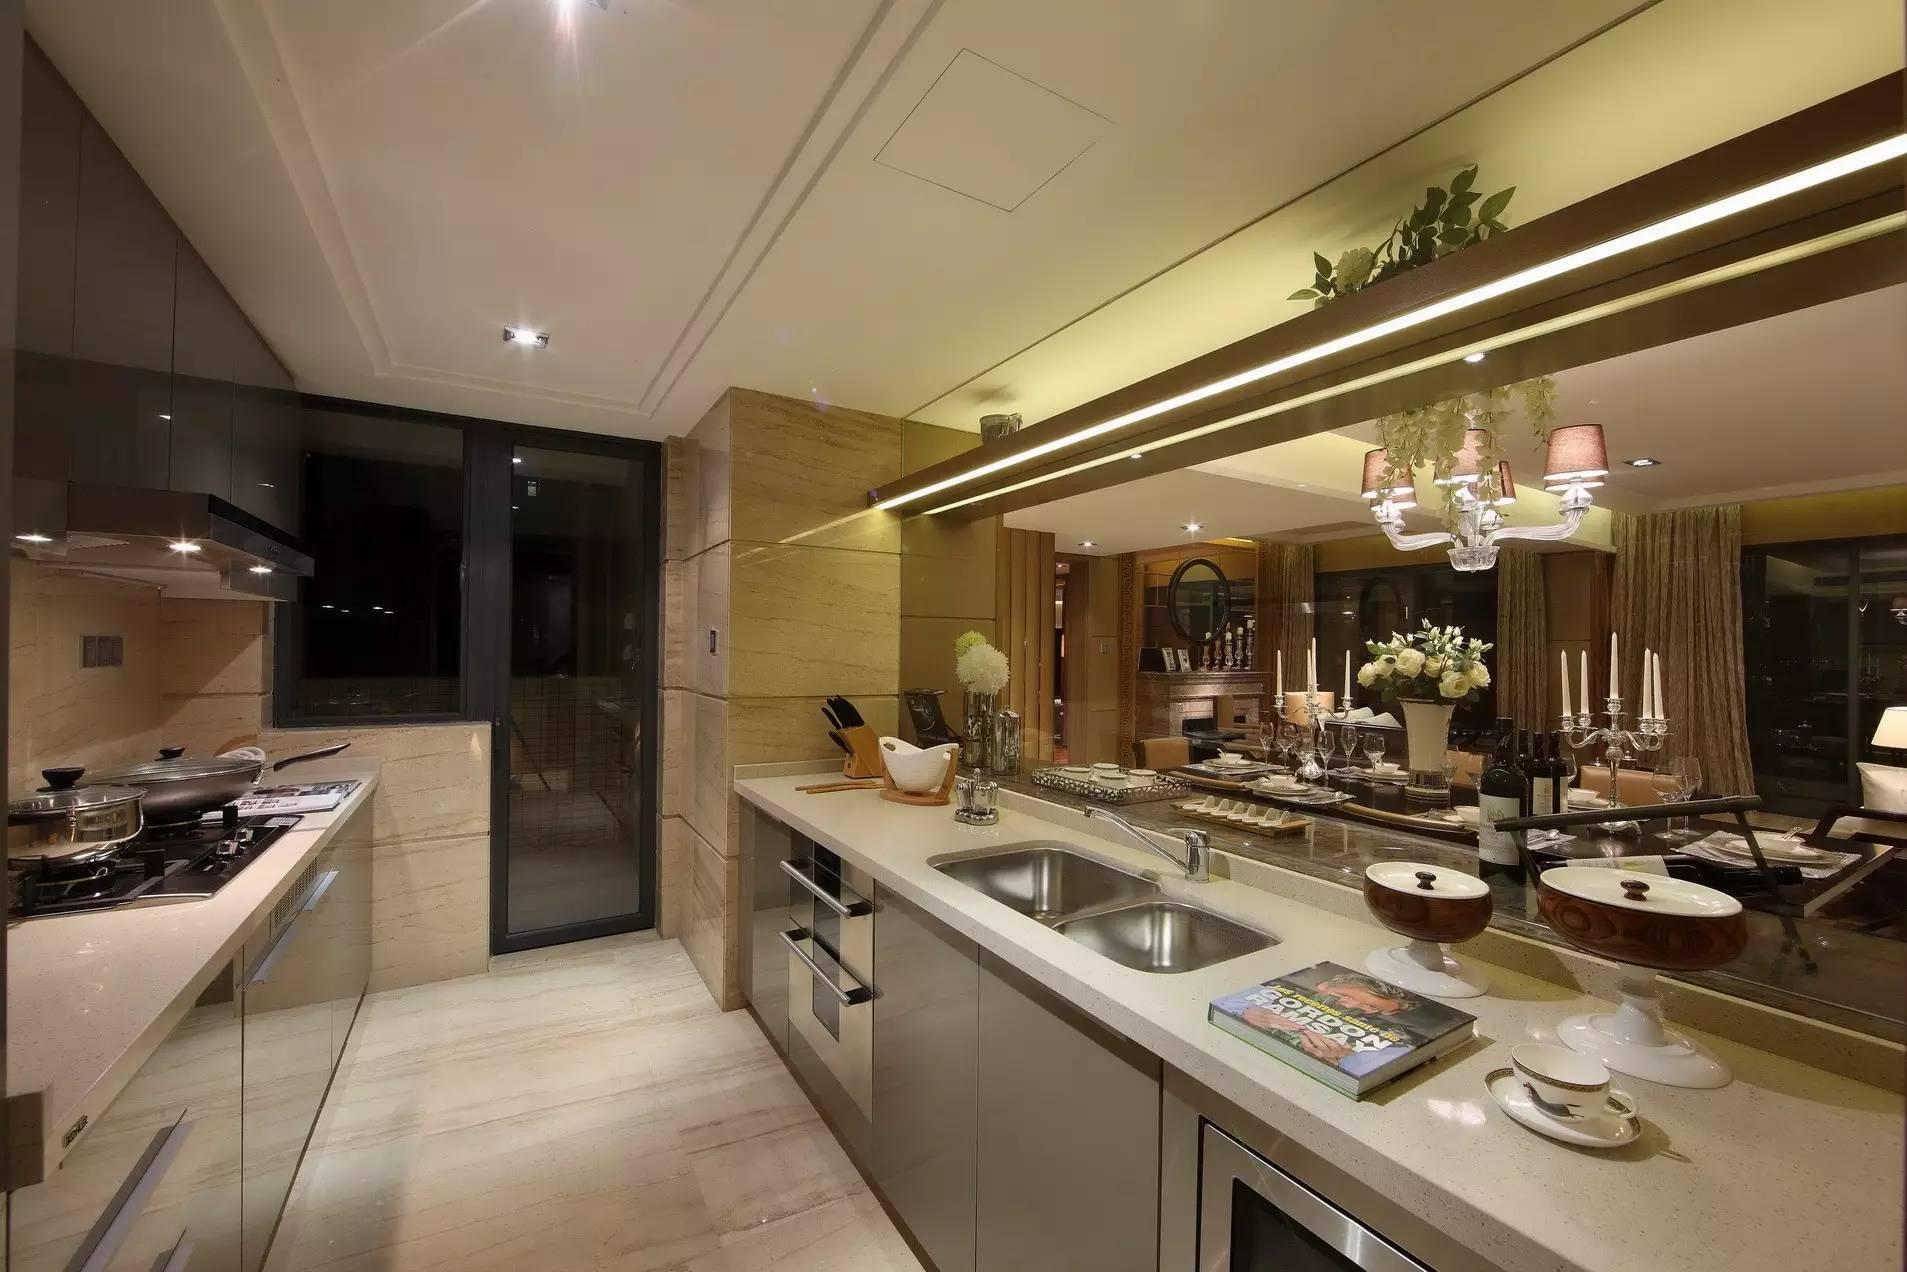 厨房与餐厅以透明玻璃作为隔断,让室内不再封闭,做饭都变得有意思起来。